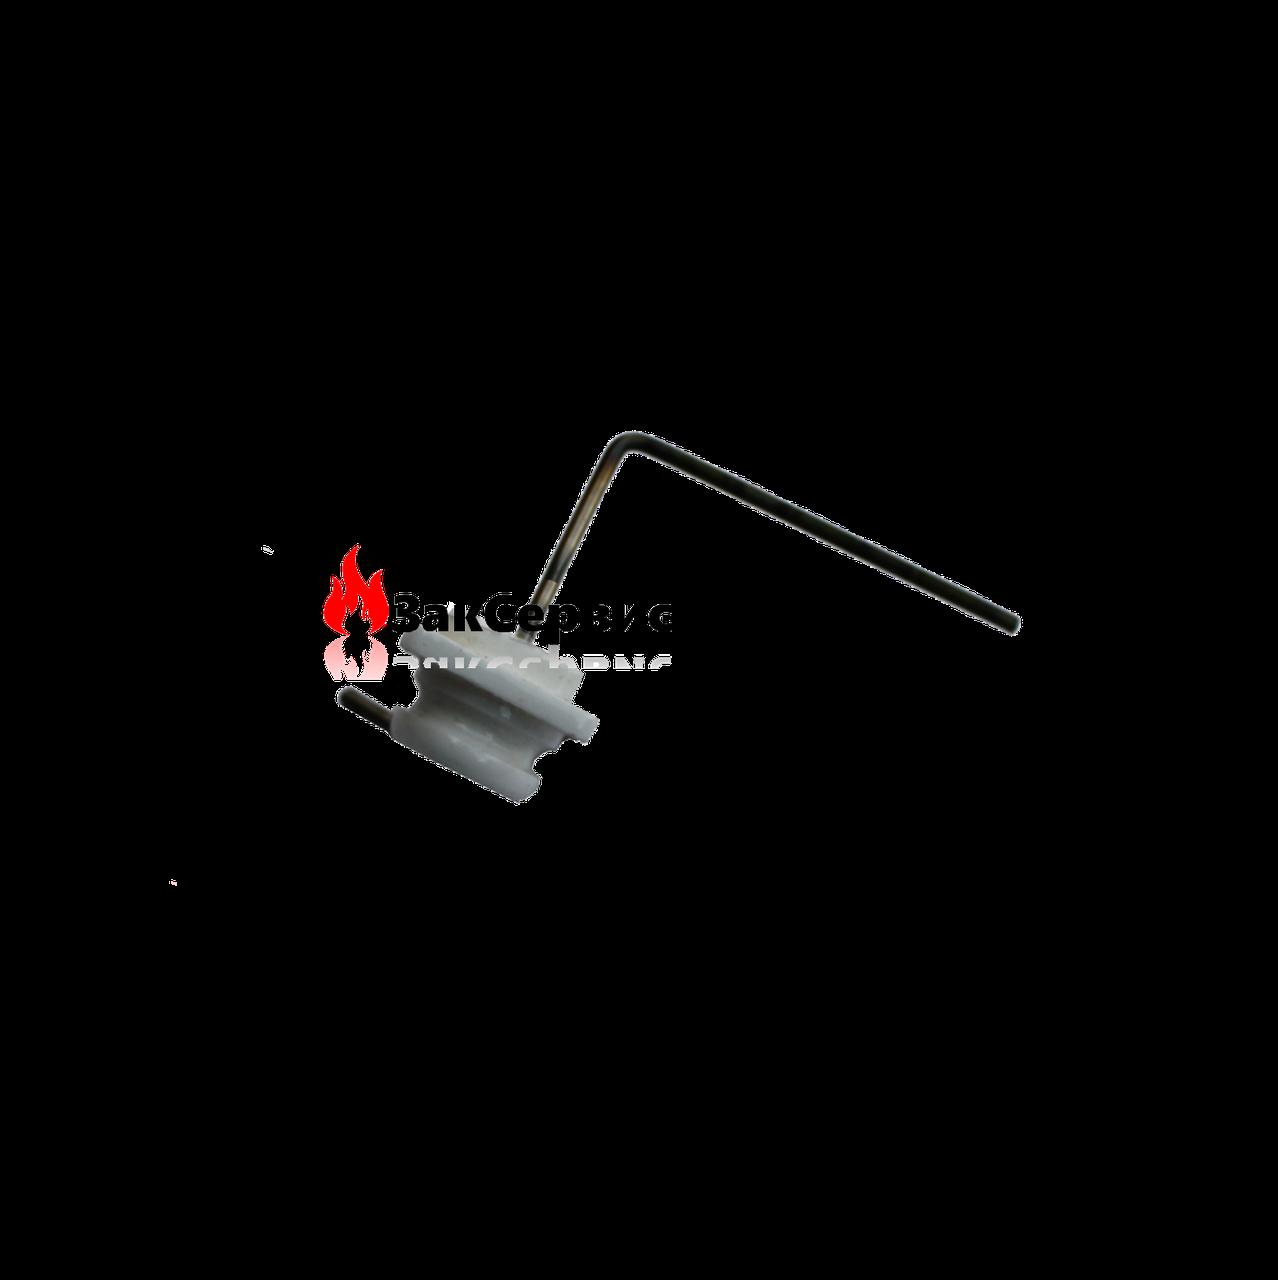 Электрод ионизации на газовую колонку Ariston MARCO POLO GI7S, M1, M265158248